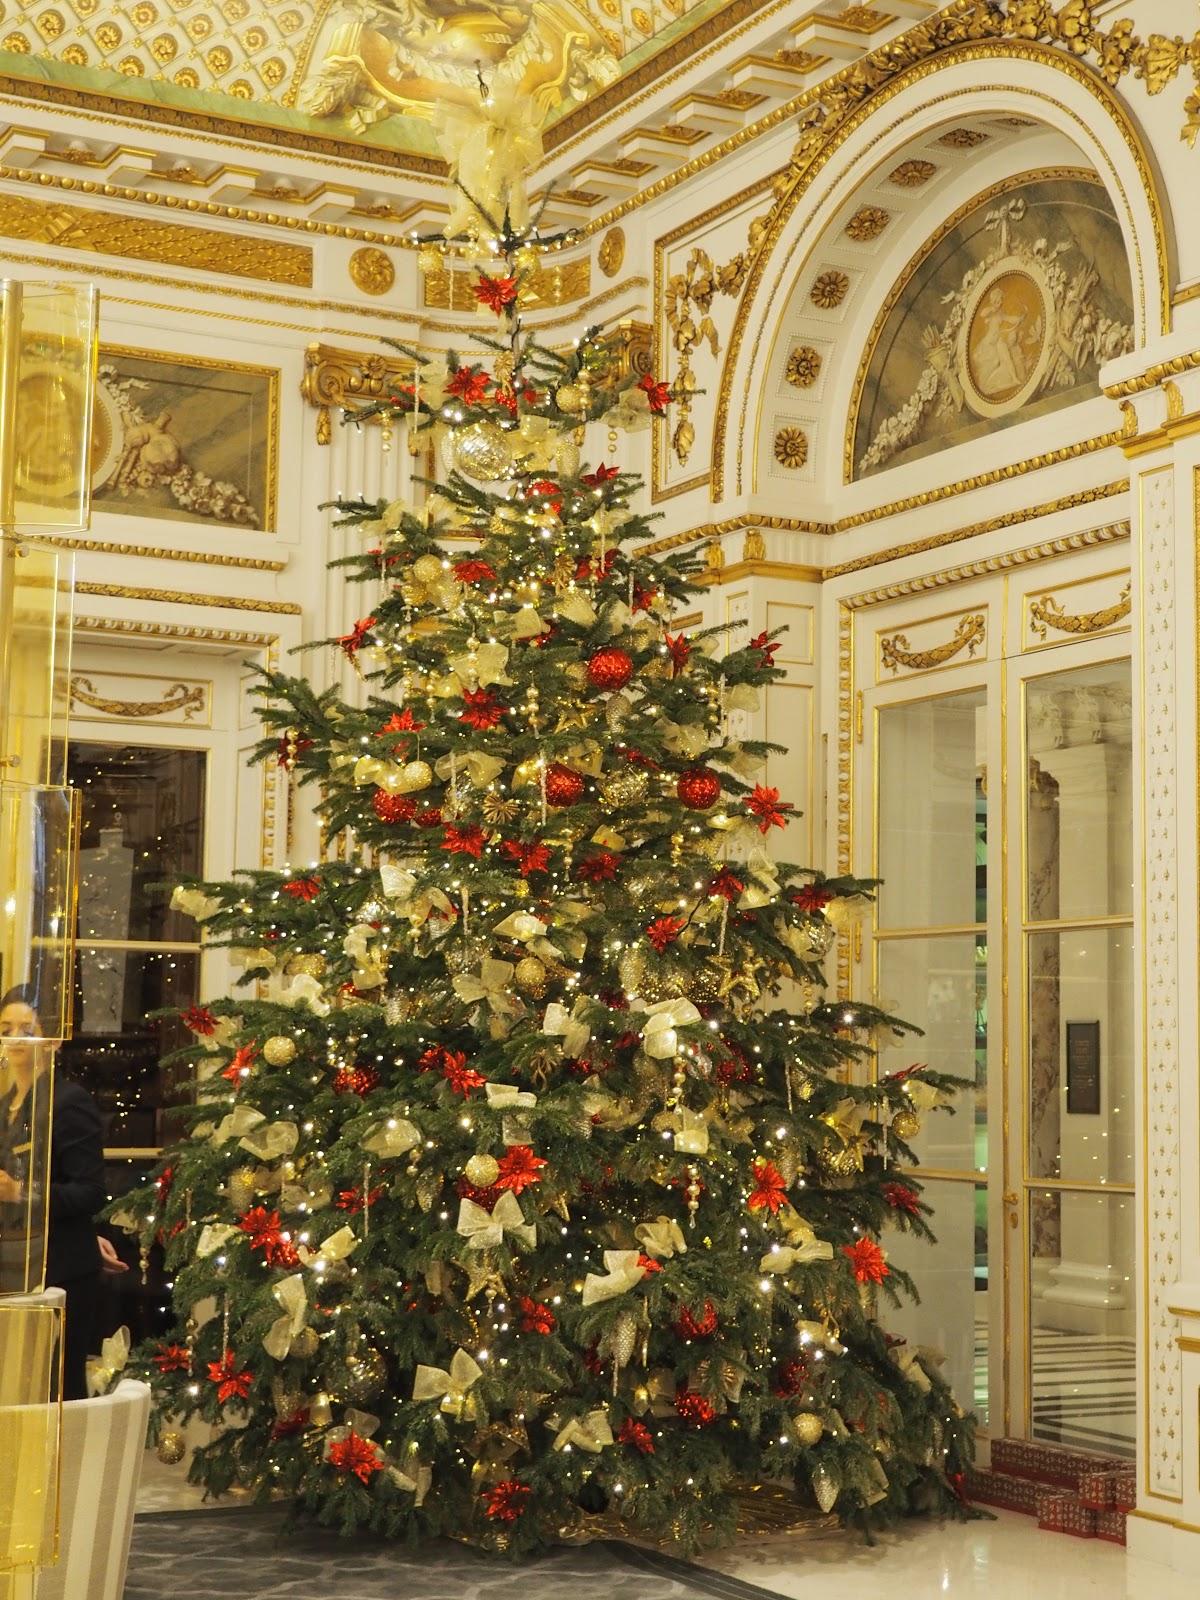 Peninsula Hotel, Paris, Lobby at Christmas time with Christmas Tree